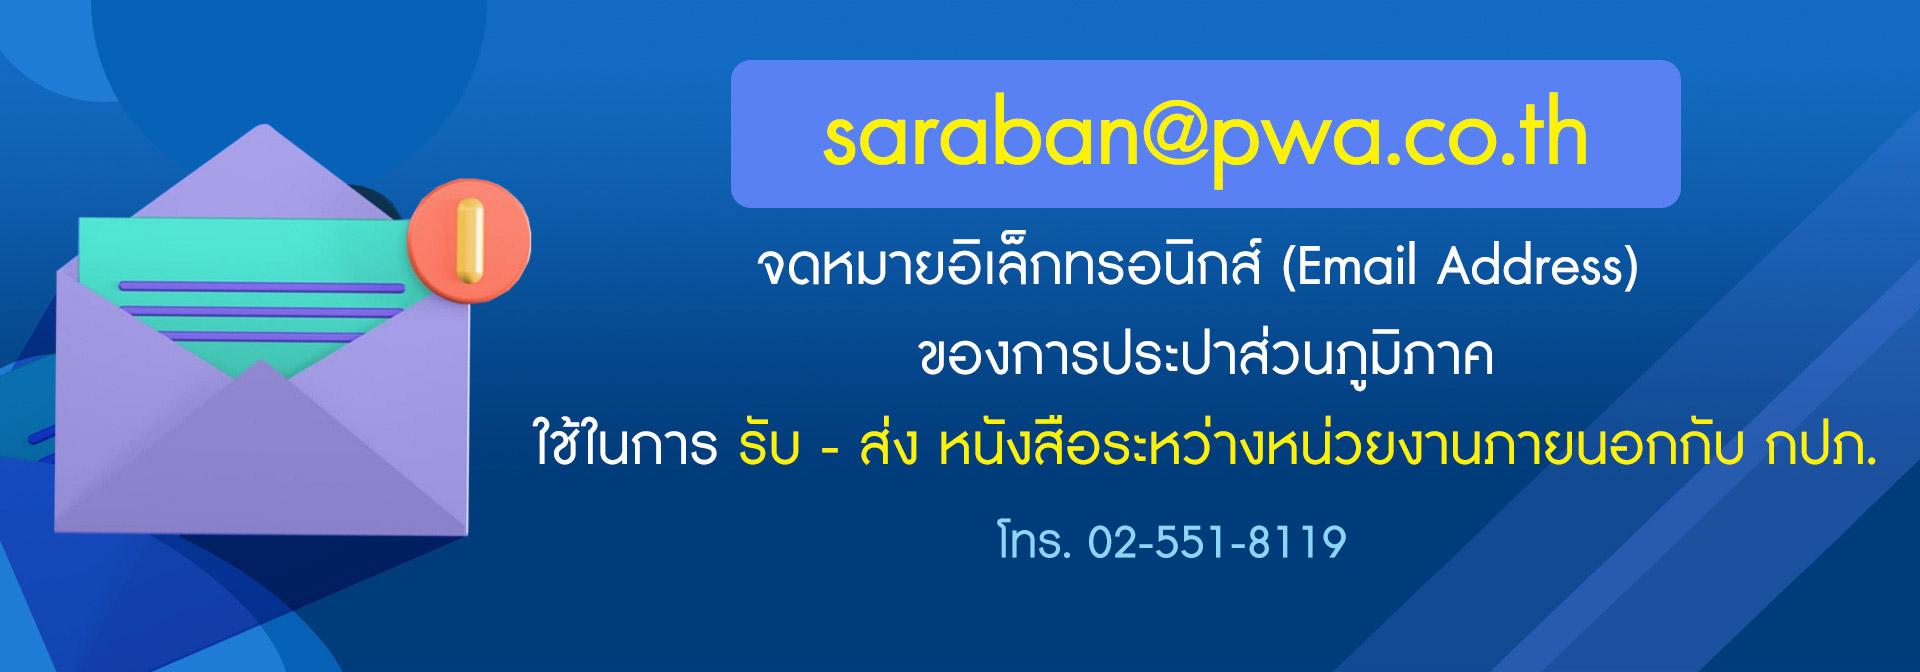 จดหมายอิเล็กทรอนิกส์ (Email Address) ของการประปาส่วนภูมิภาค